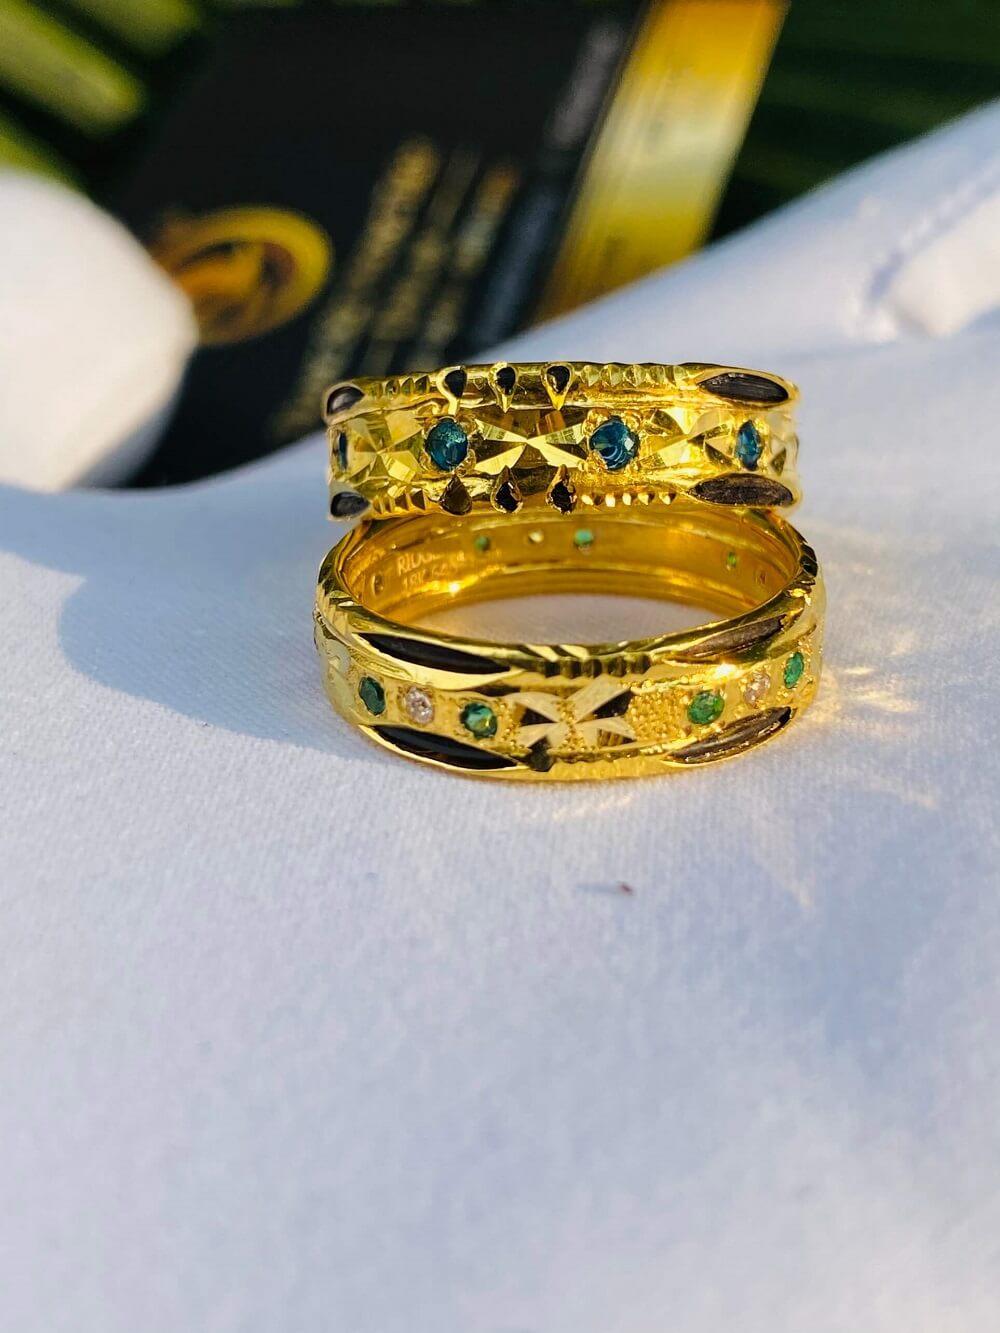 Cặp nhẫn cưới nam nữ phong thủy đính 9 đá 2 viền lông (Lông Fake) mạnh mẽ